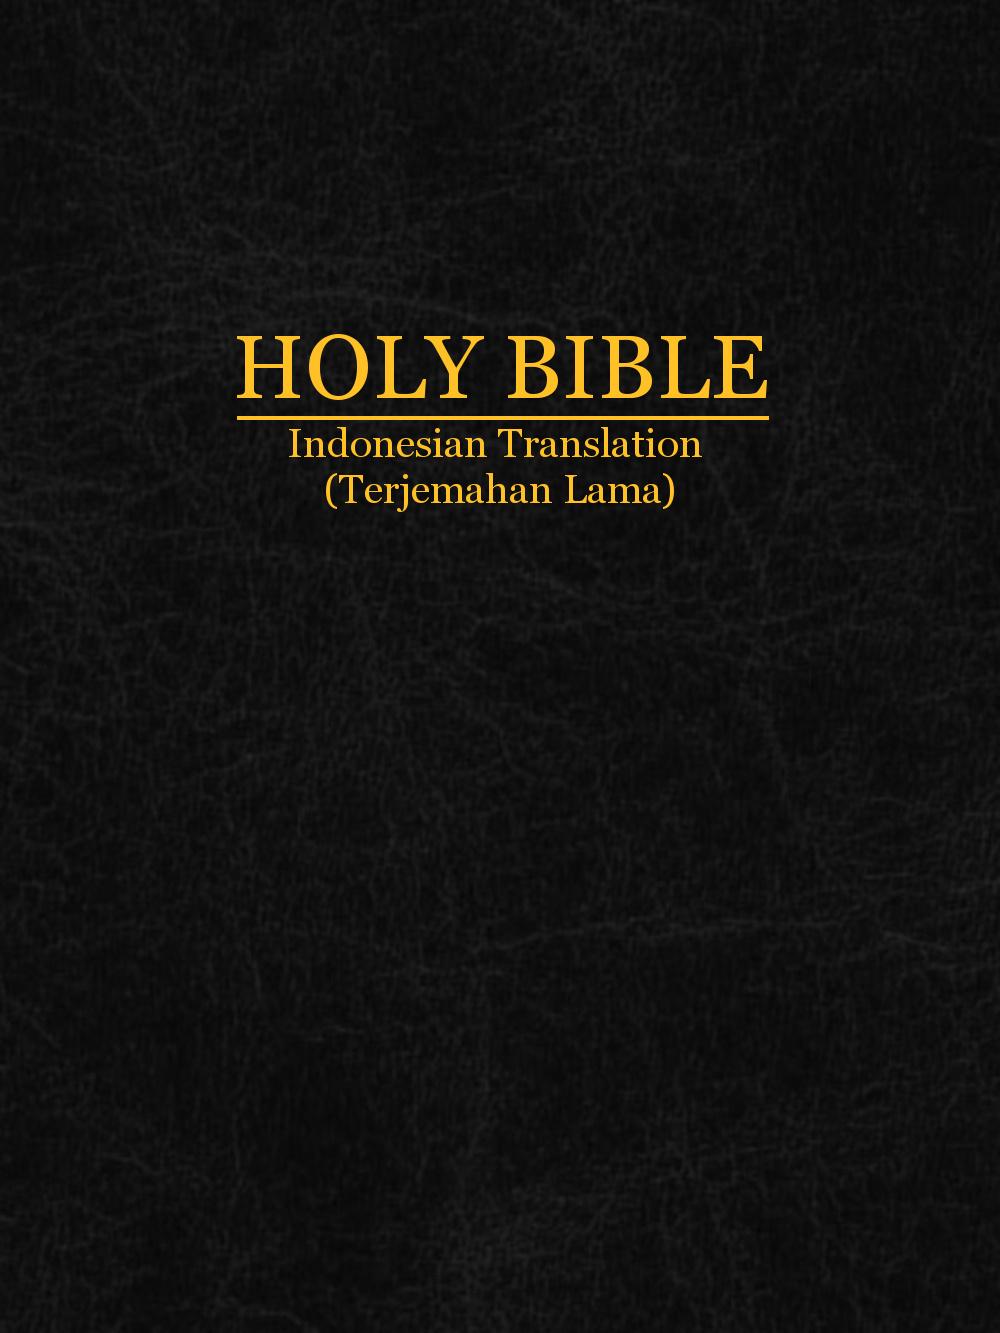 Pelengkap Kidung Jemaat Ebook